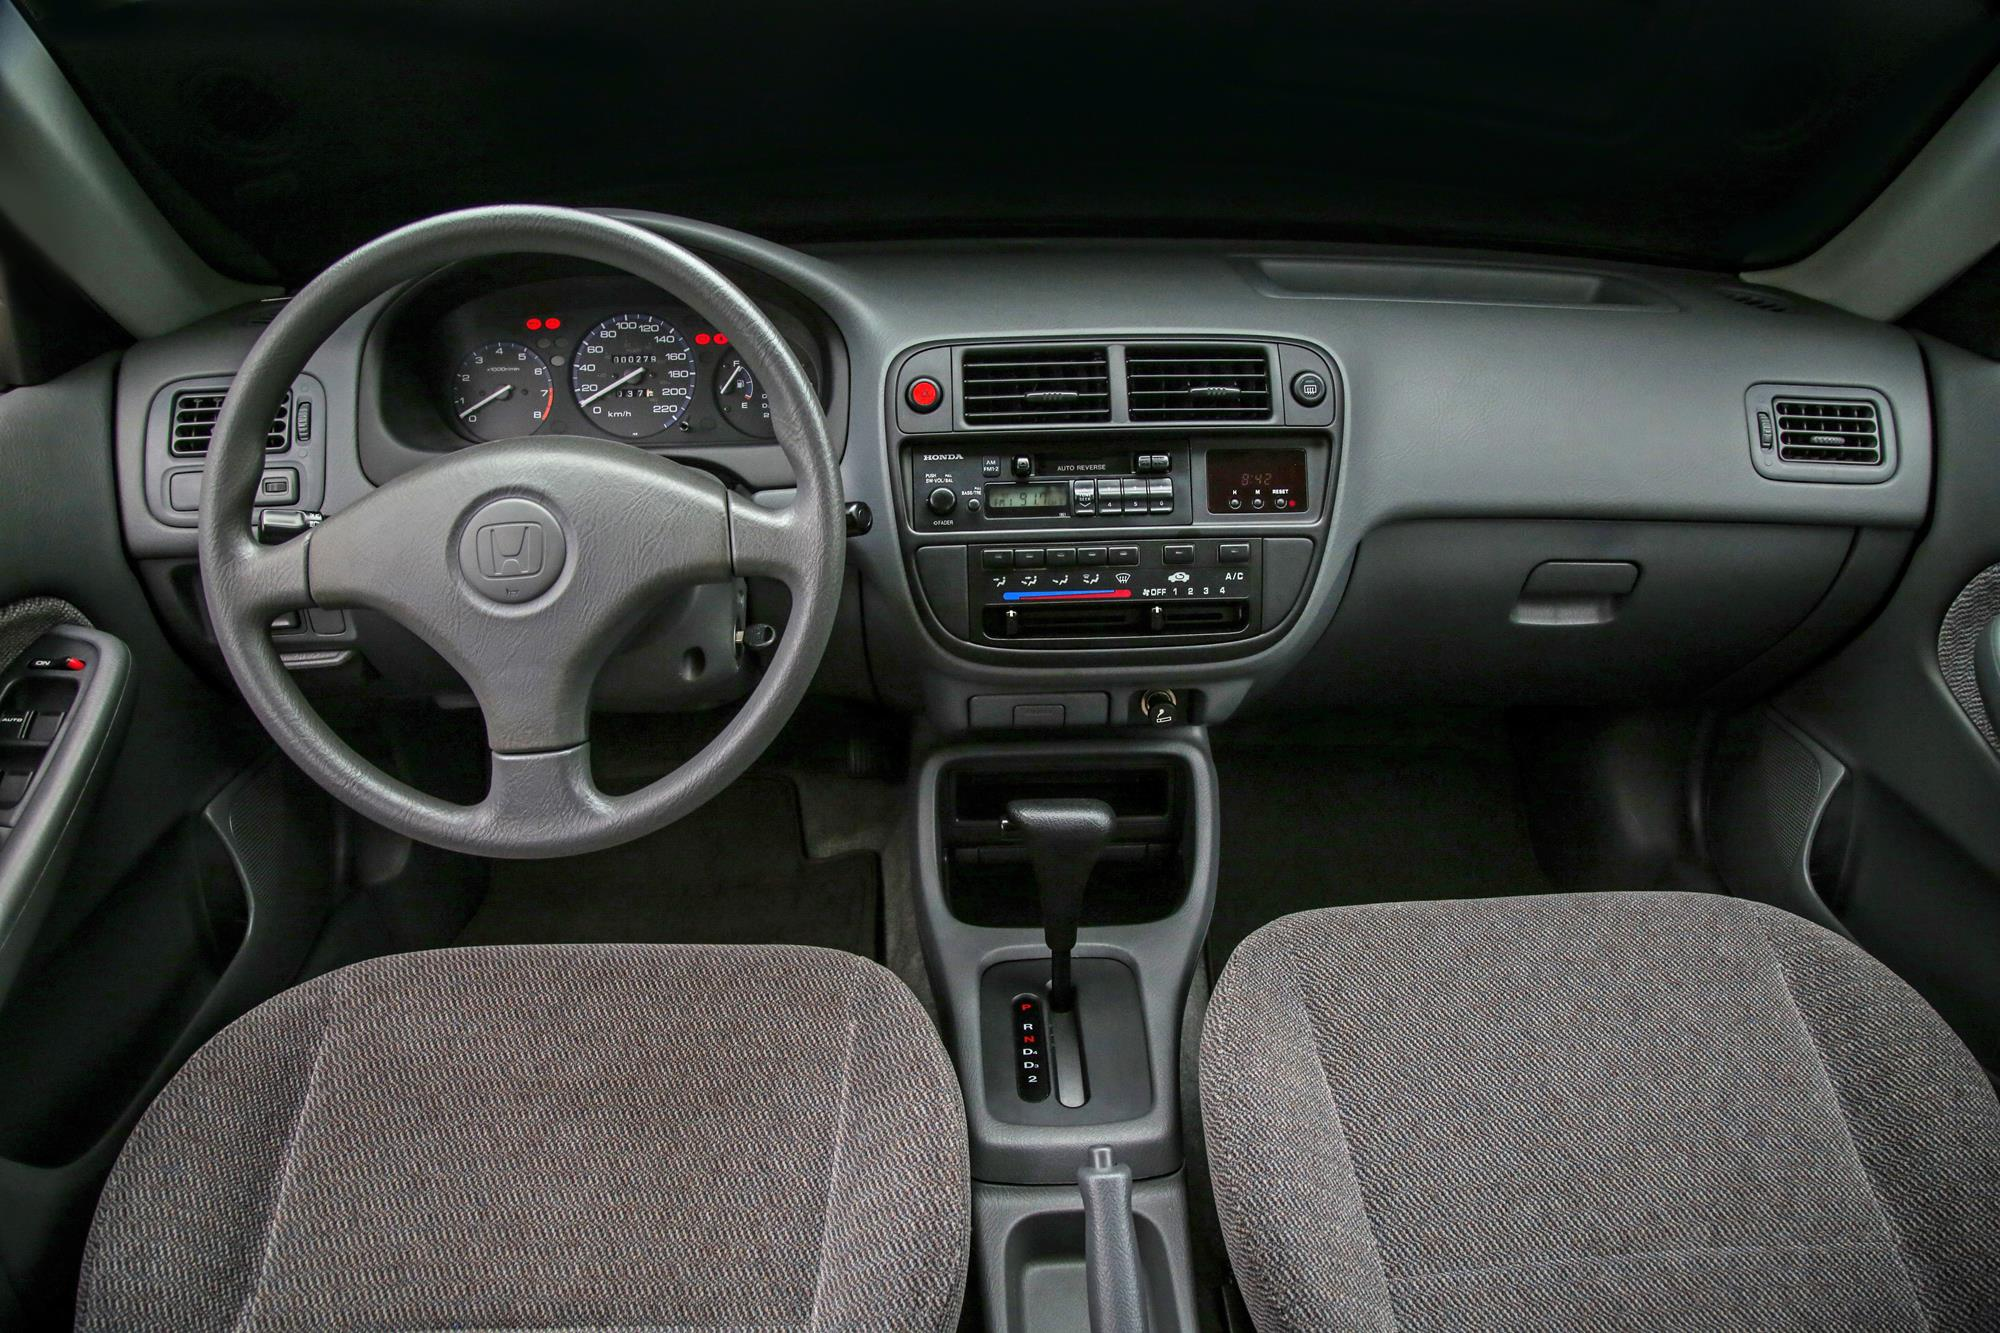 Andamos No Primeiro Honda Civic Feito No Brasil 20 Anos Atras Quatro Rodas